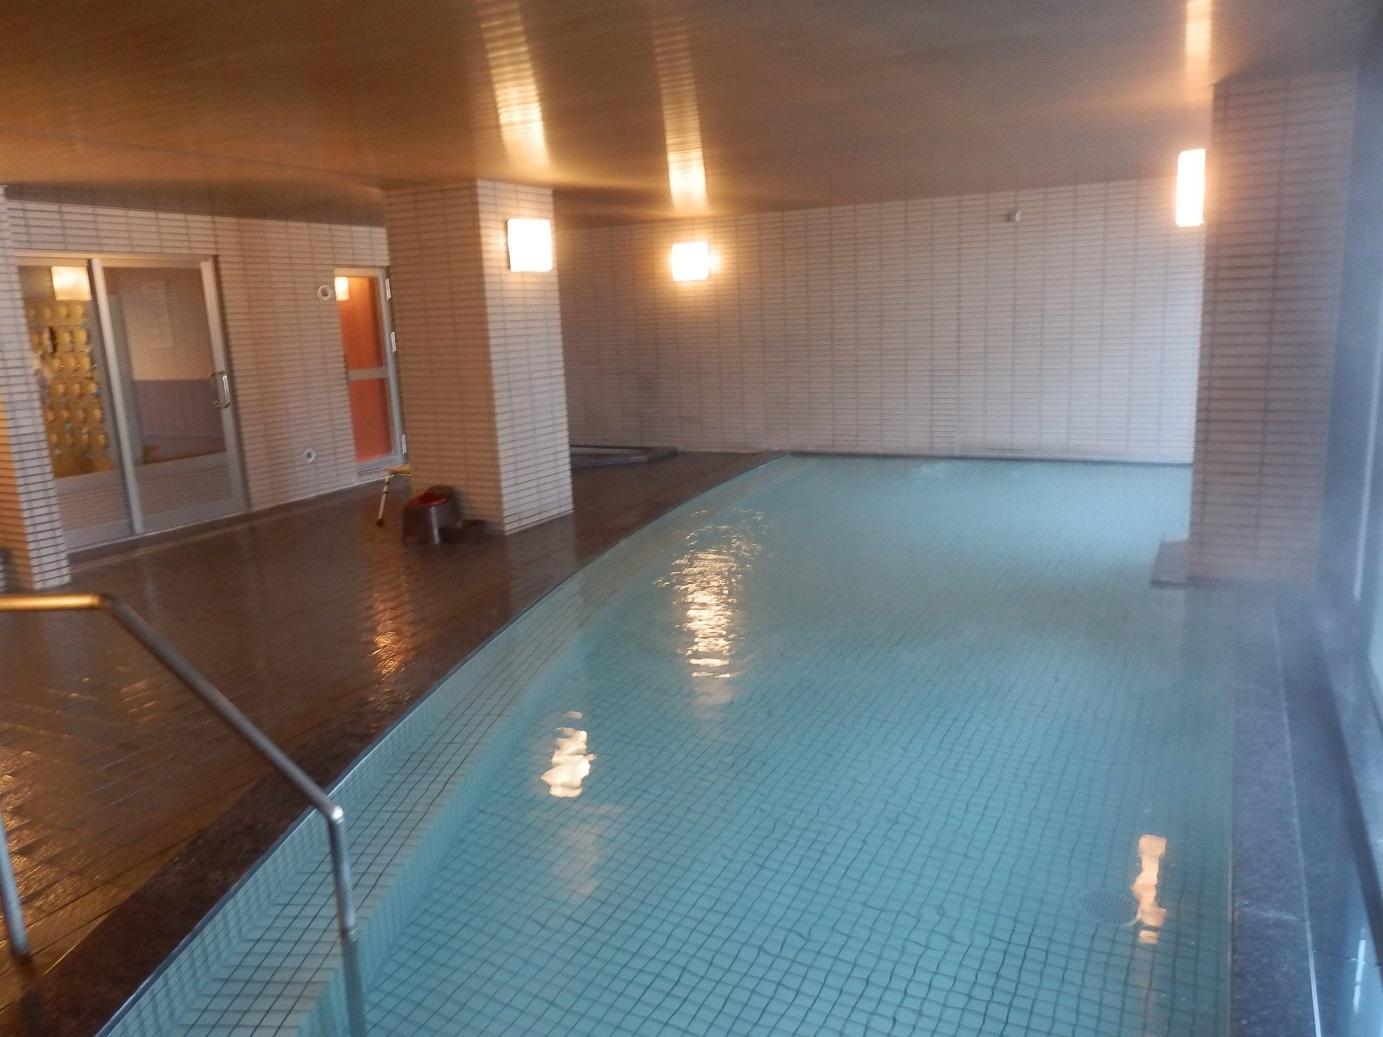 ホテルアンビエント蓼科、大浴場、内湯。